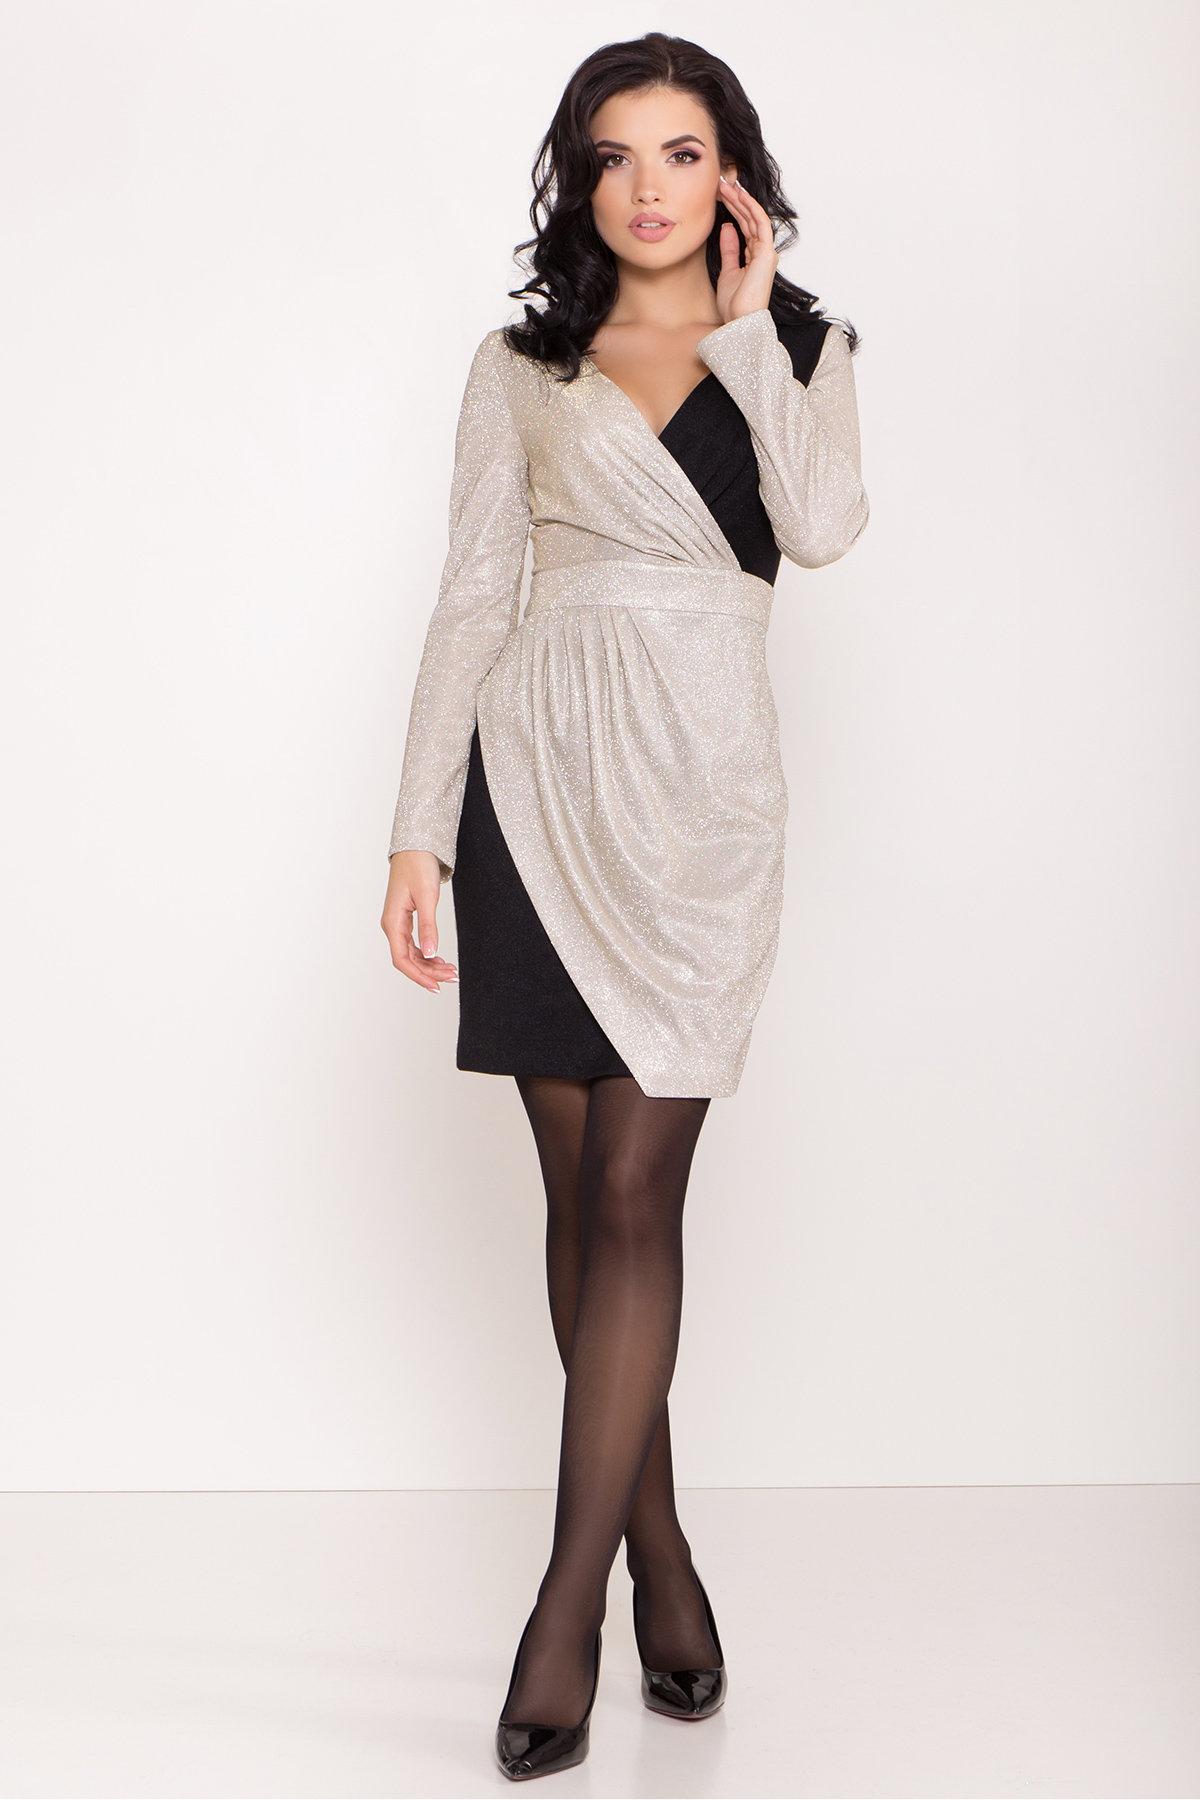 Контрастное двухцветное платье Блеск 8511 АРТ. 44822 Цвет: Серебро/золото - фото 2, интернет магазин tm-modus.ru